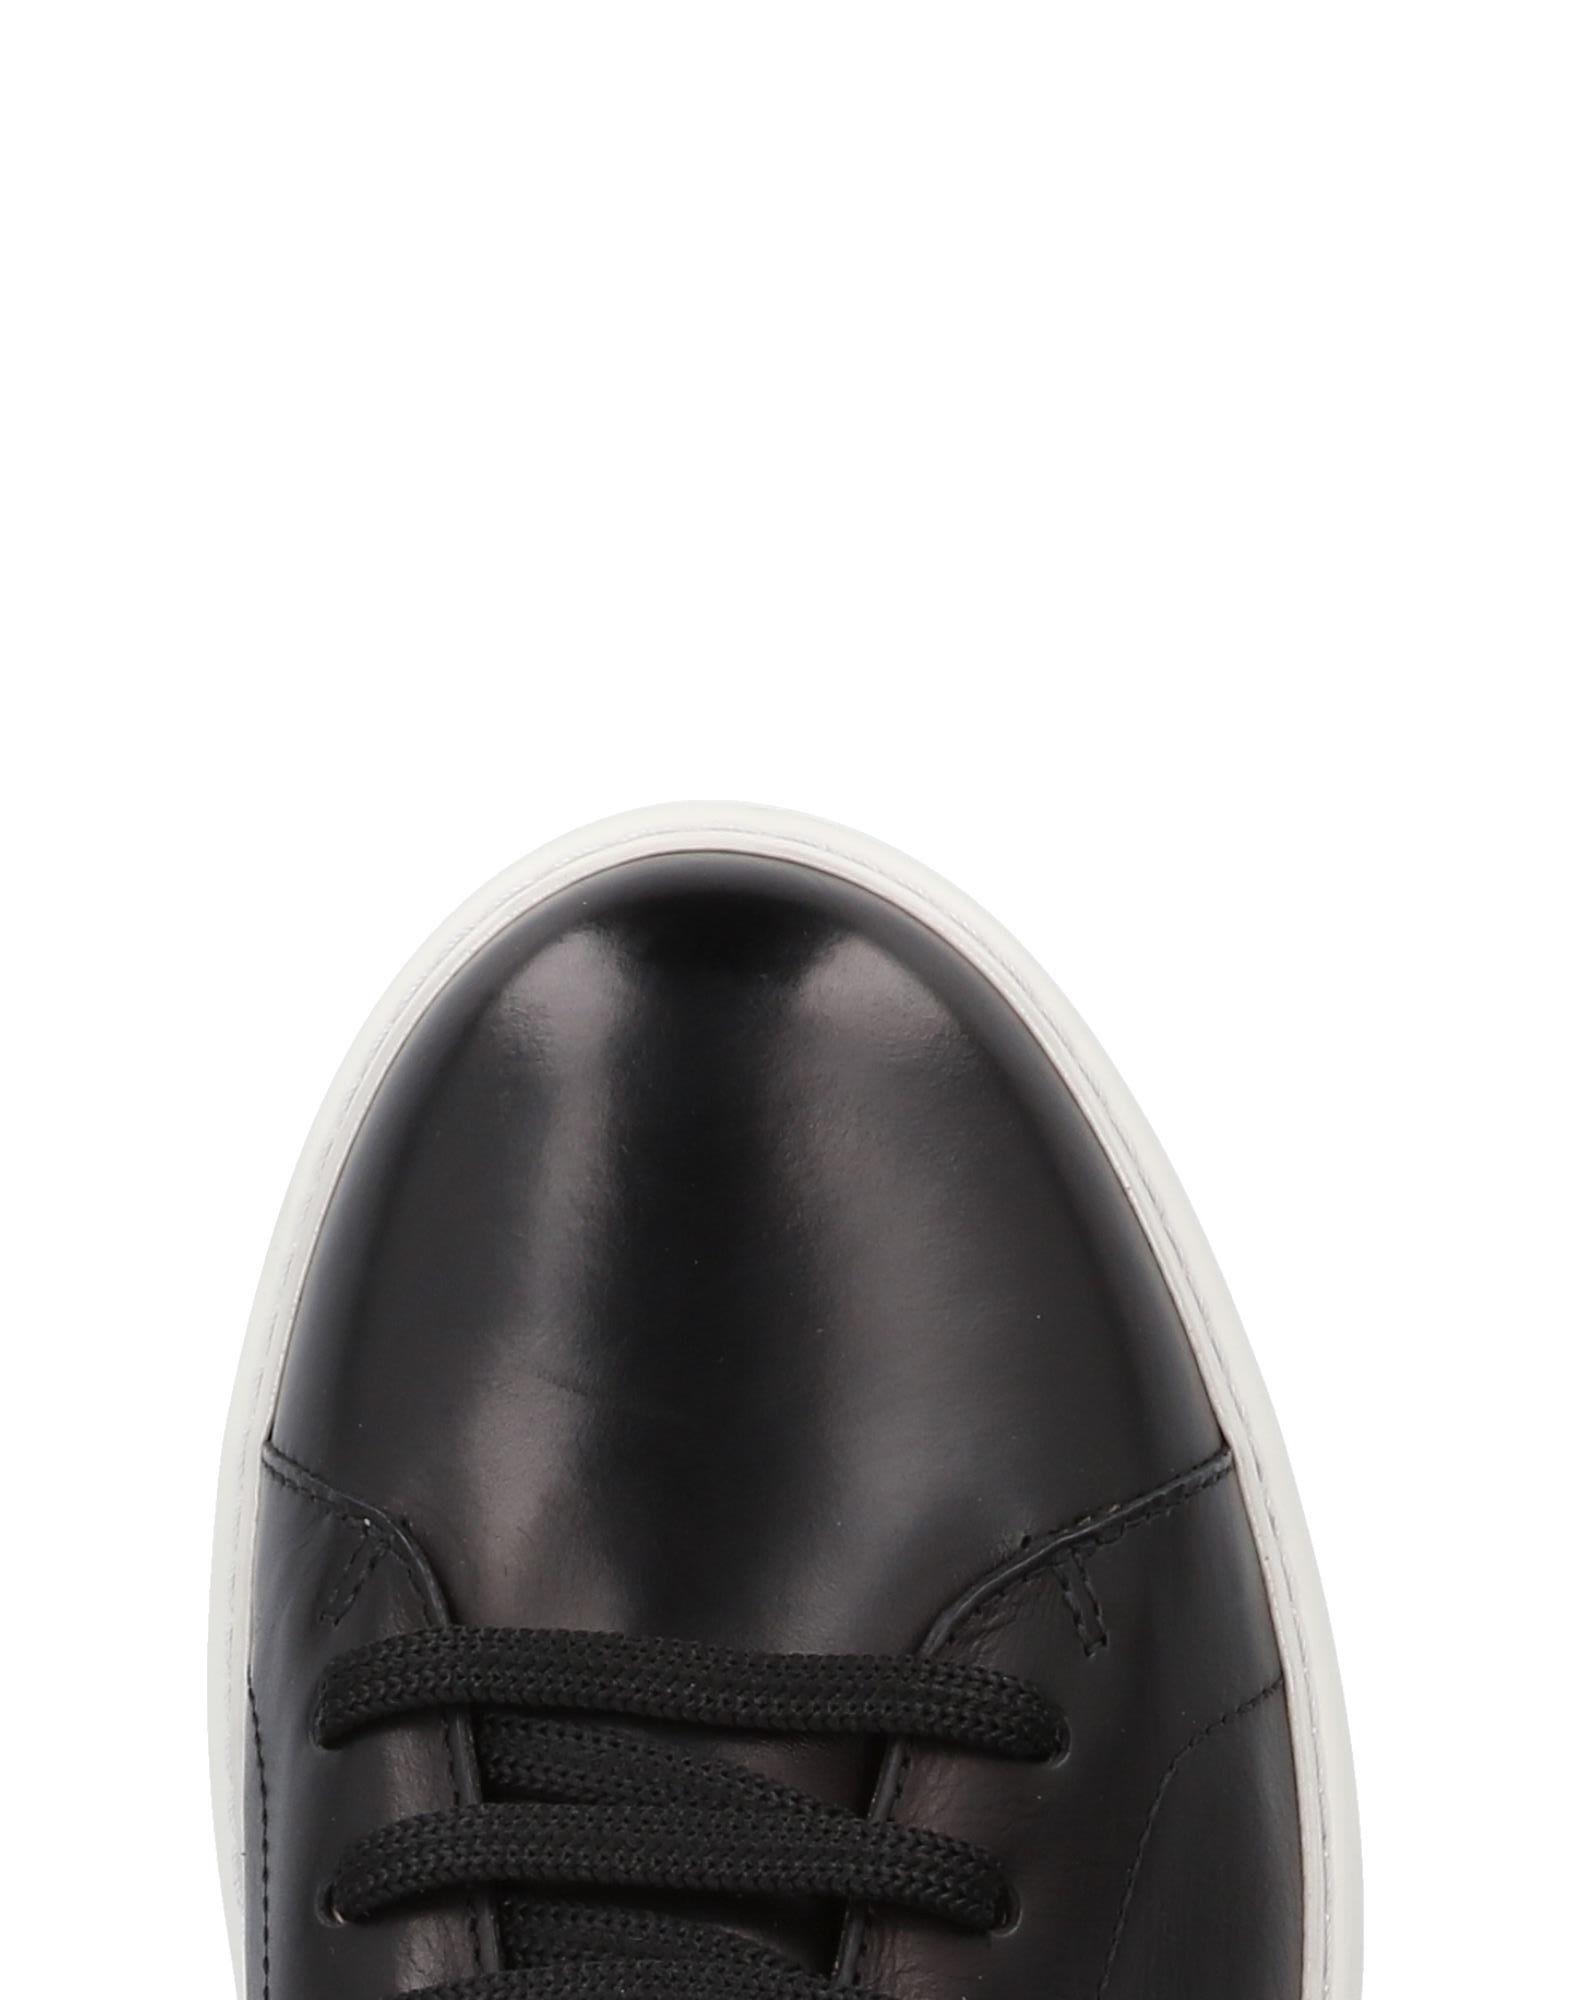 Salvatore Ferragamo Sneakers Herren Herren Herren  11463921GF 34cf87